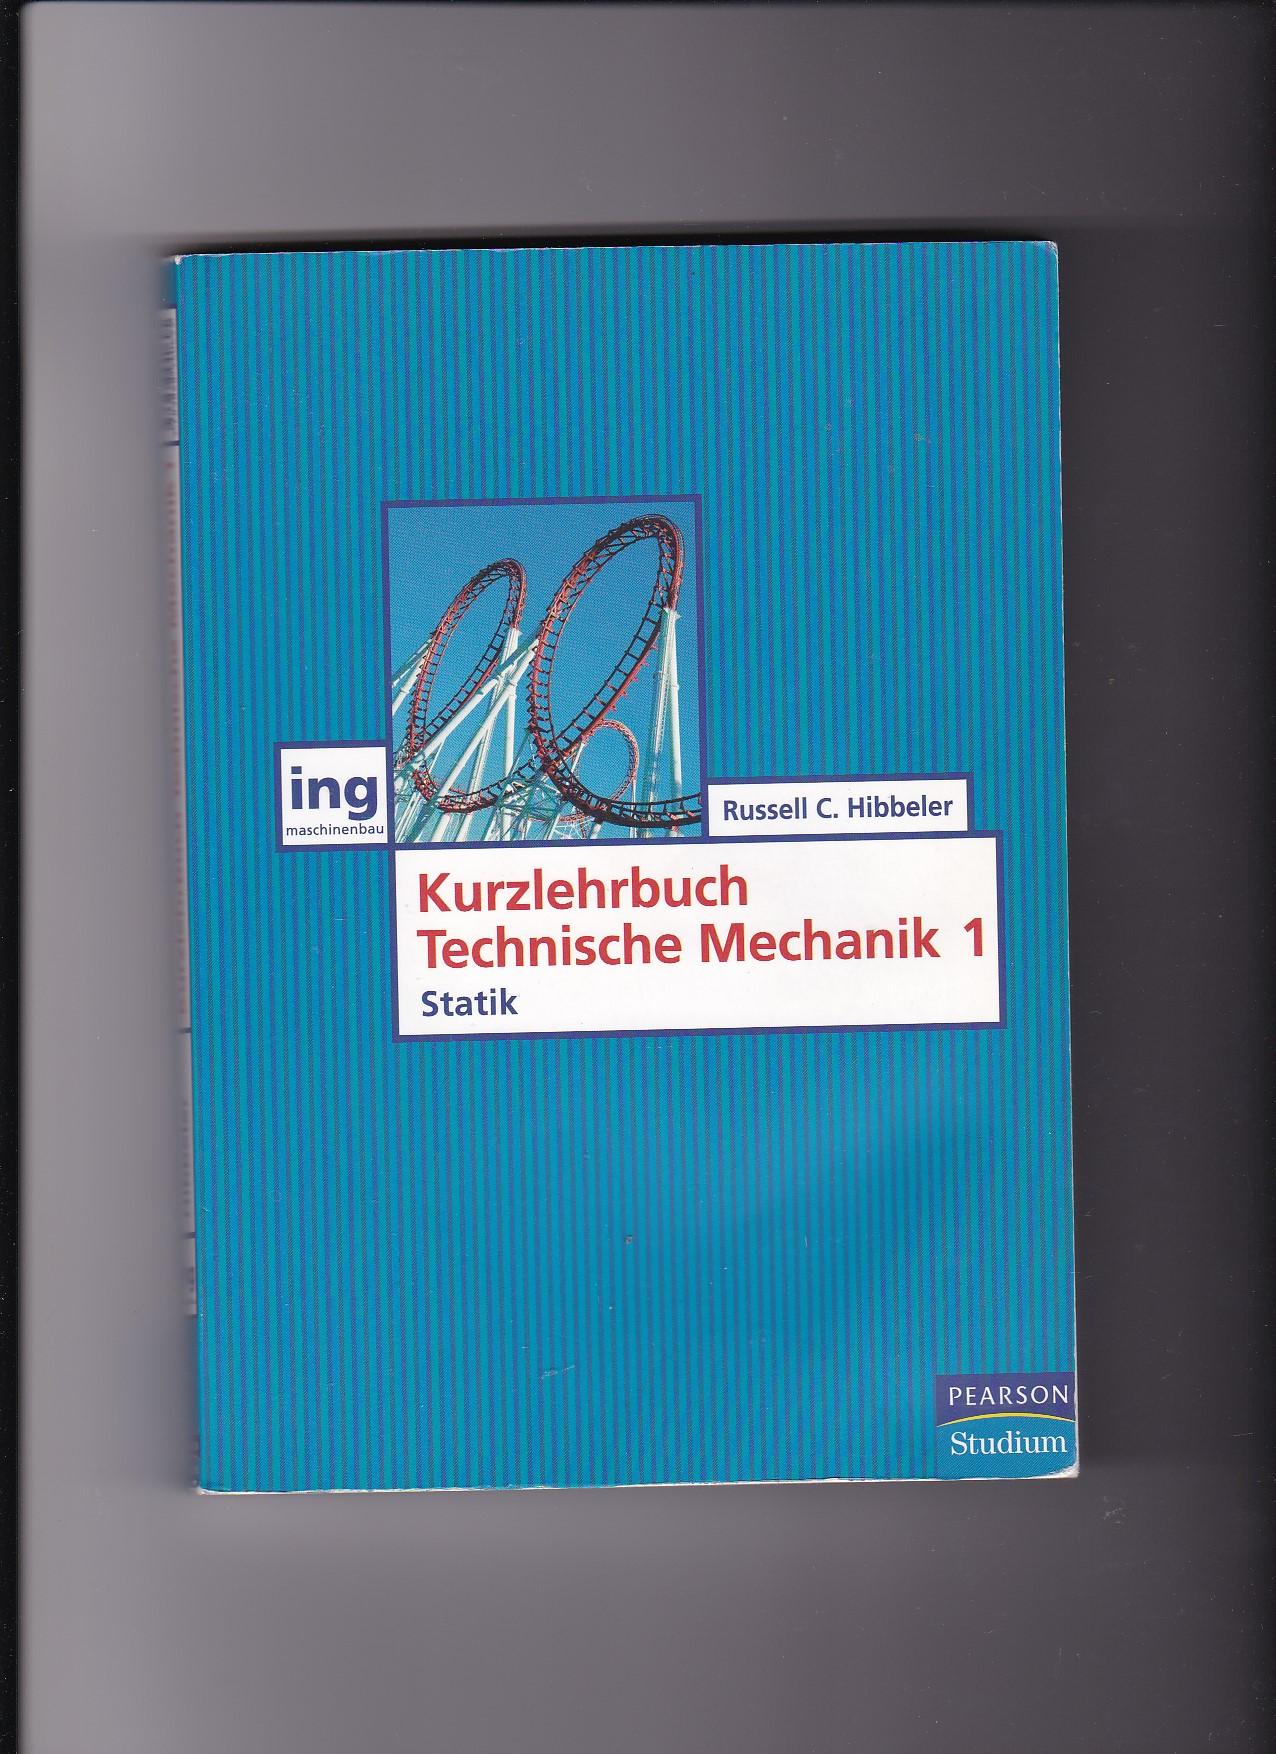 Russell C. Hibbeler, Kurzlehrbuch technische Mechanik Teil 1 - Statik - Hibbeler, Russell C.